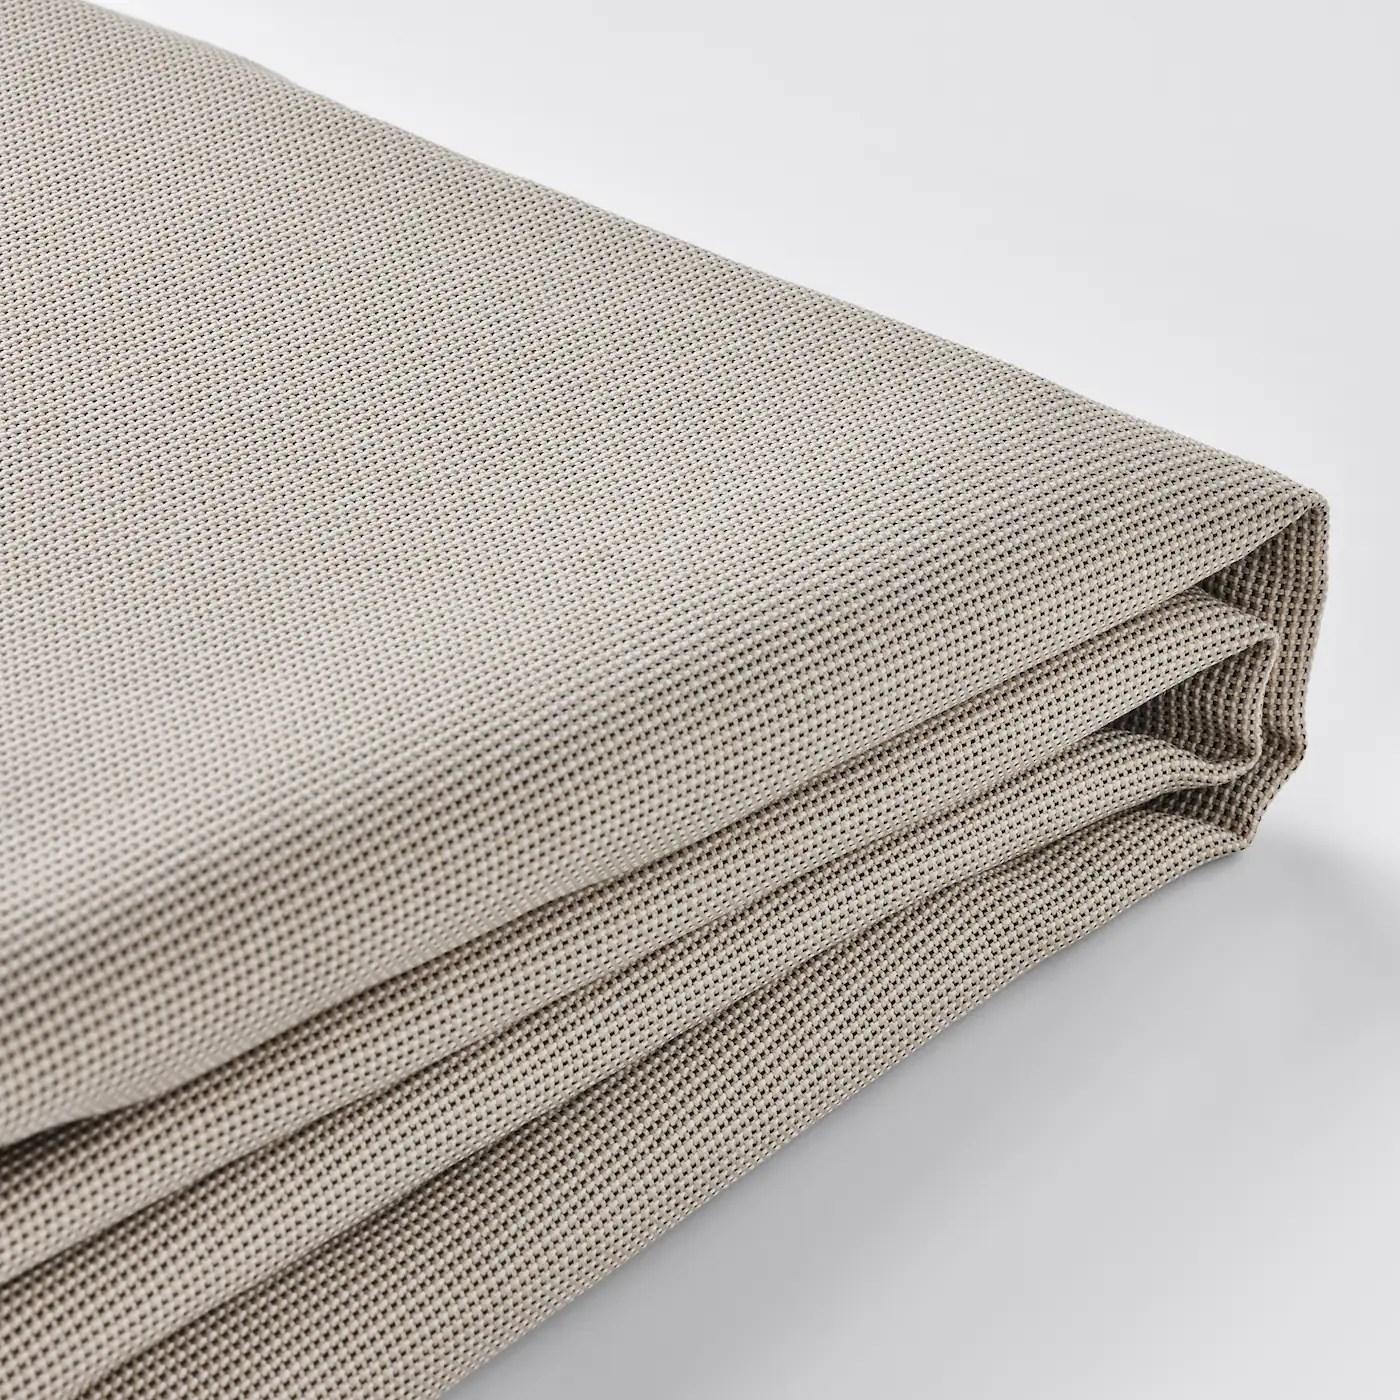 Le fodere proteggono divani e poltrone da macchie e sporco. Fodere Per Divani E Poltrone Ikea It